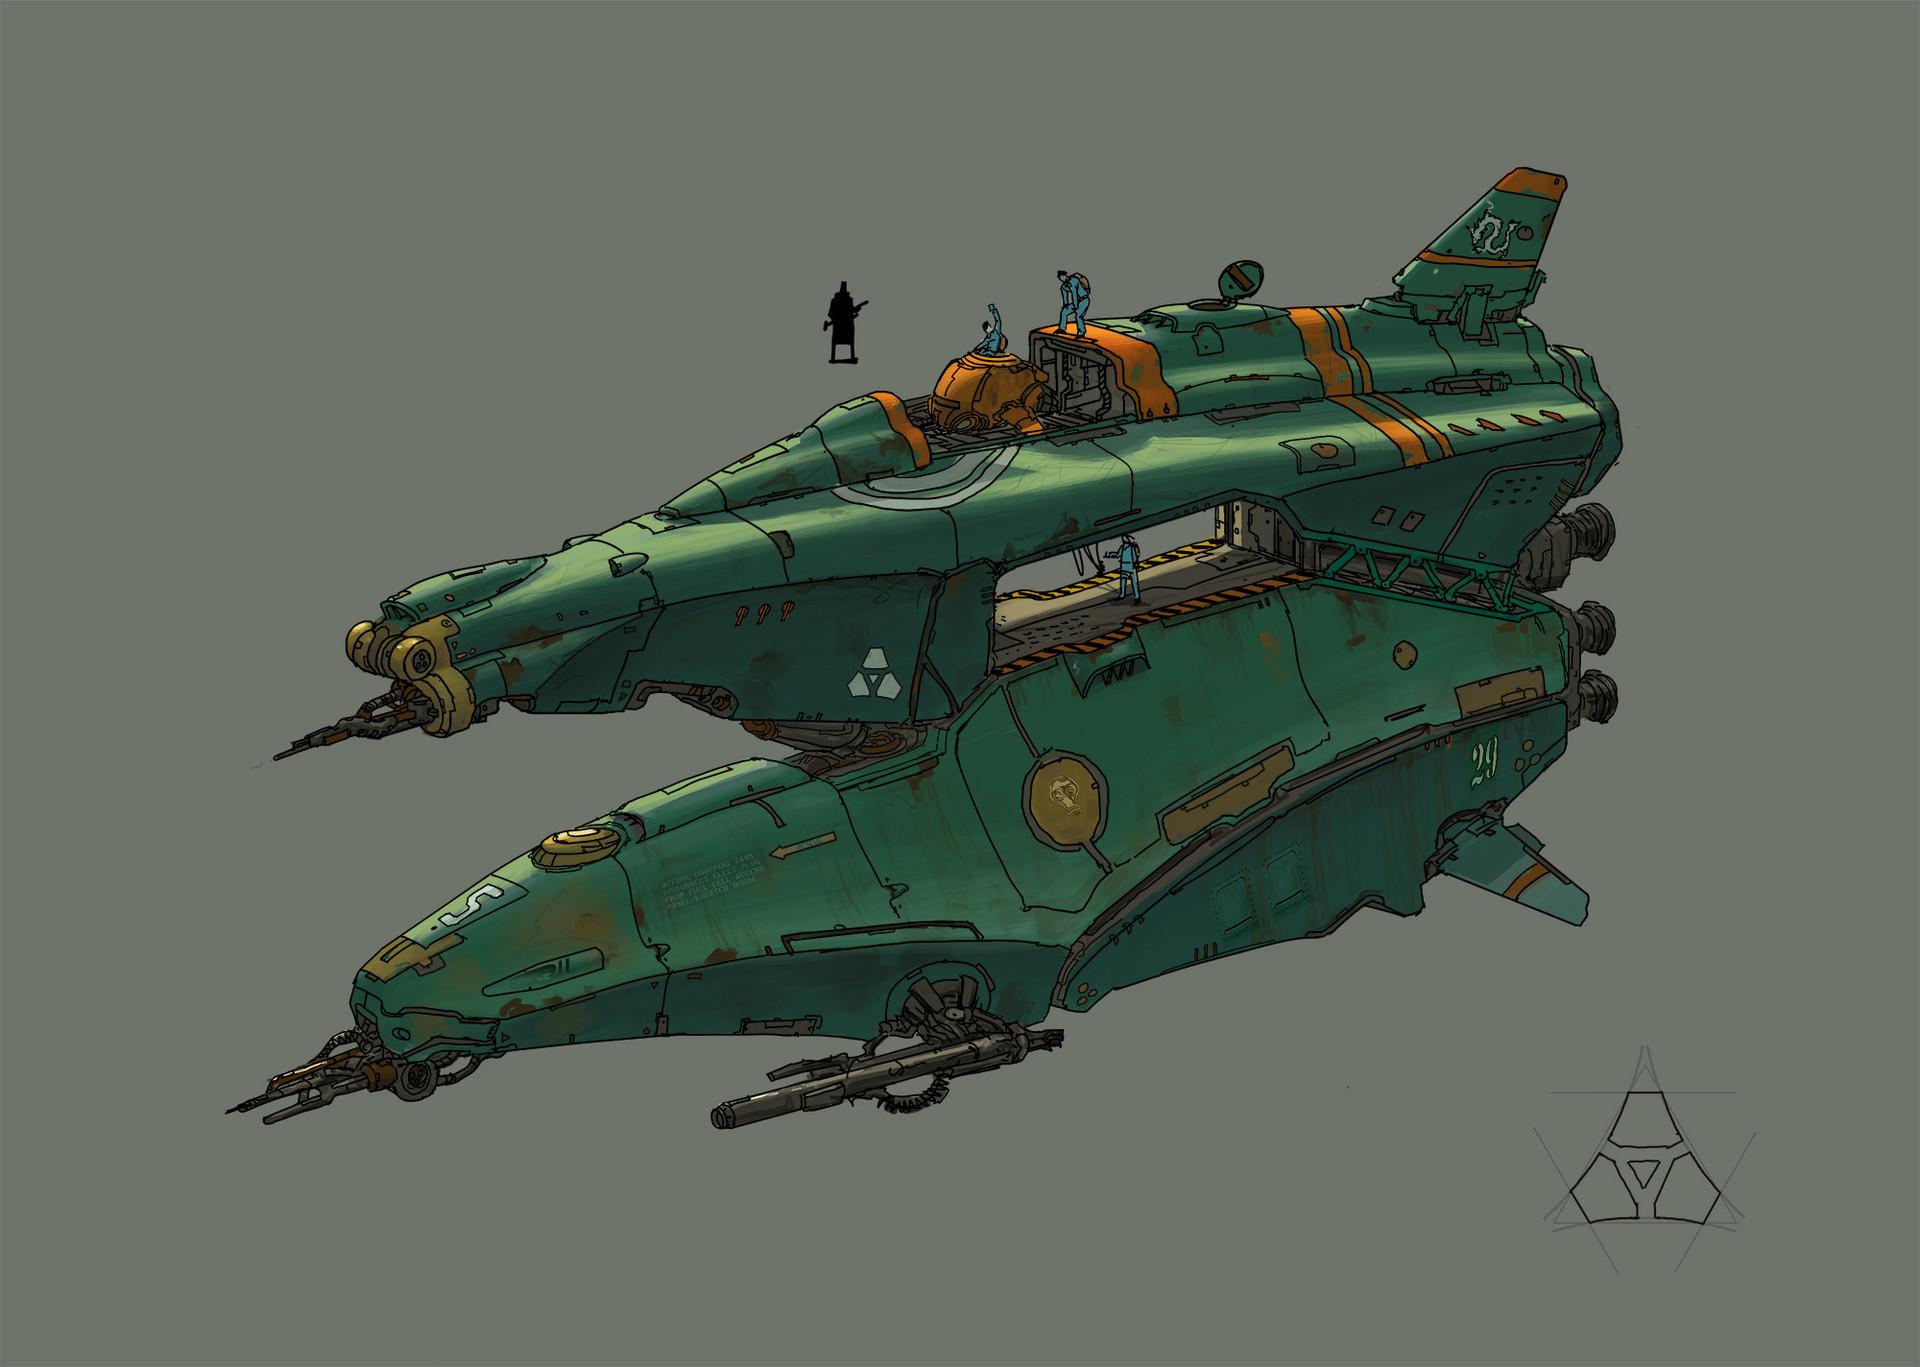 Mark zhang shipfighter2222